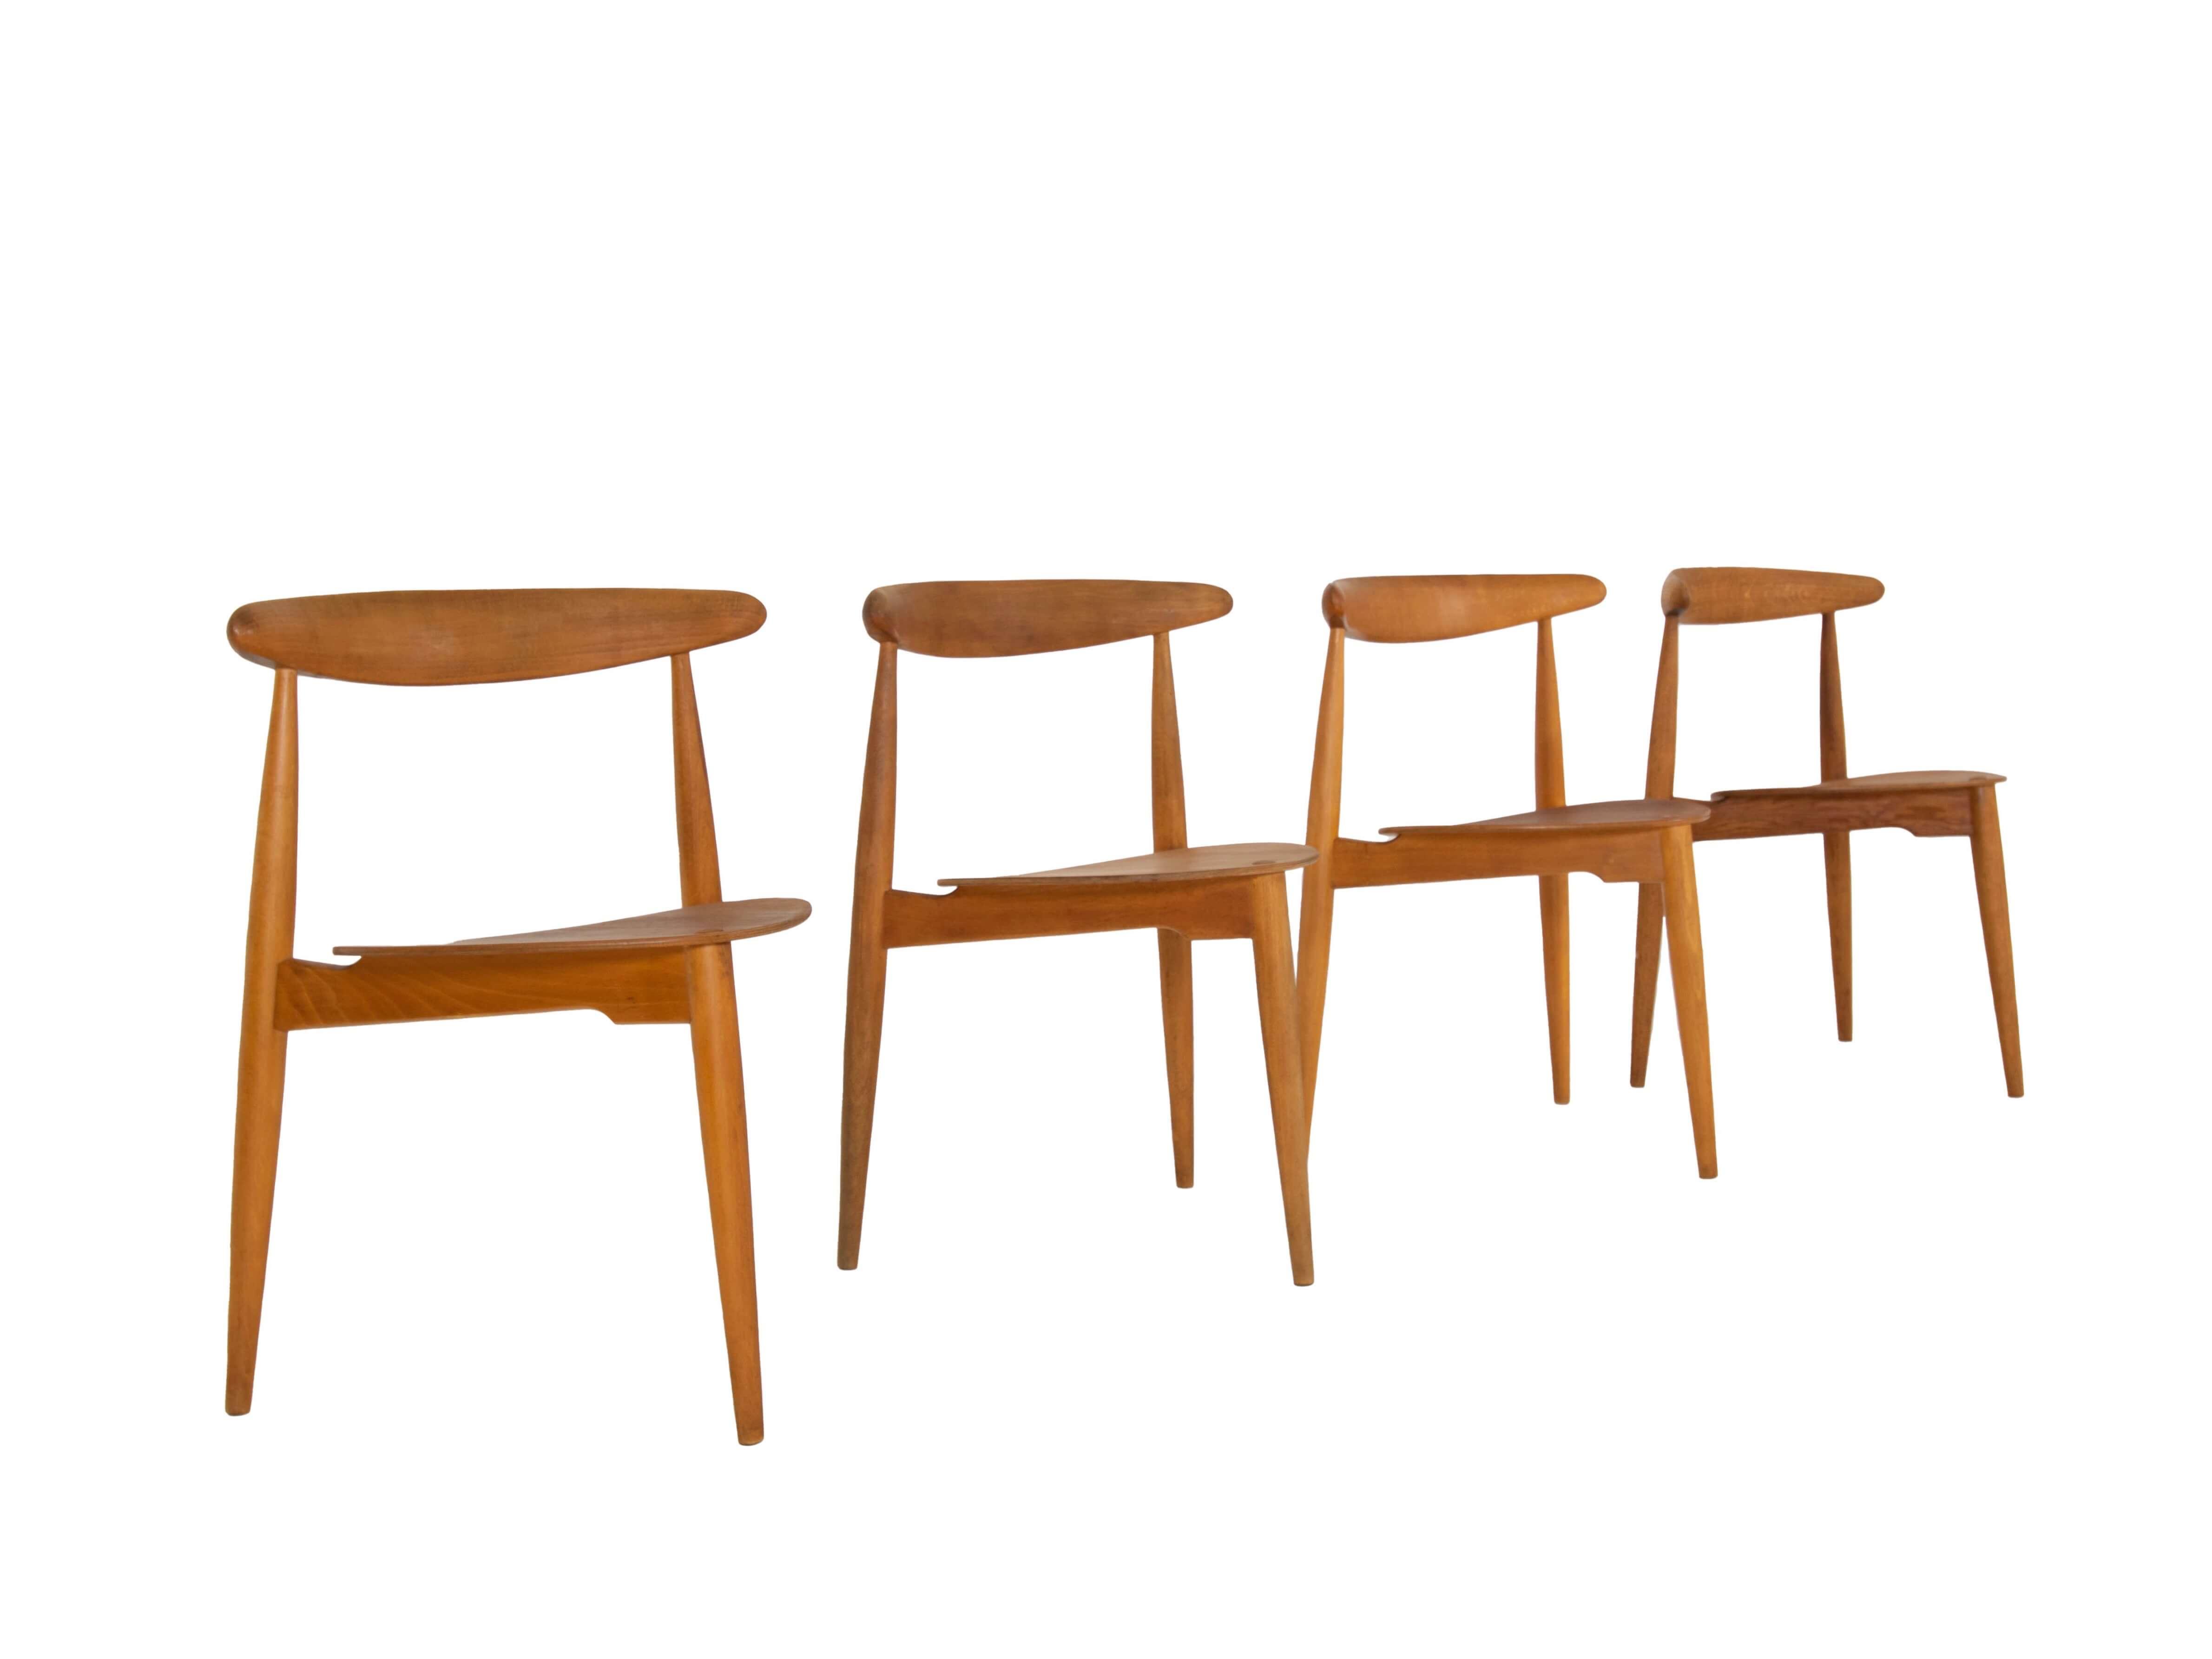 Set of Four 'Heart' Dining Chairs by Hans Wegner Model FH4103 for Fritz Hansen, Denmark 1950s